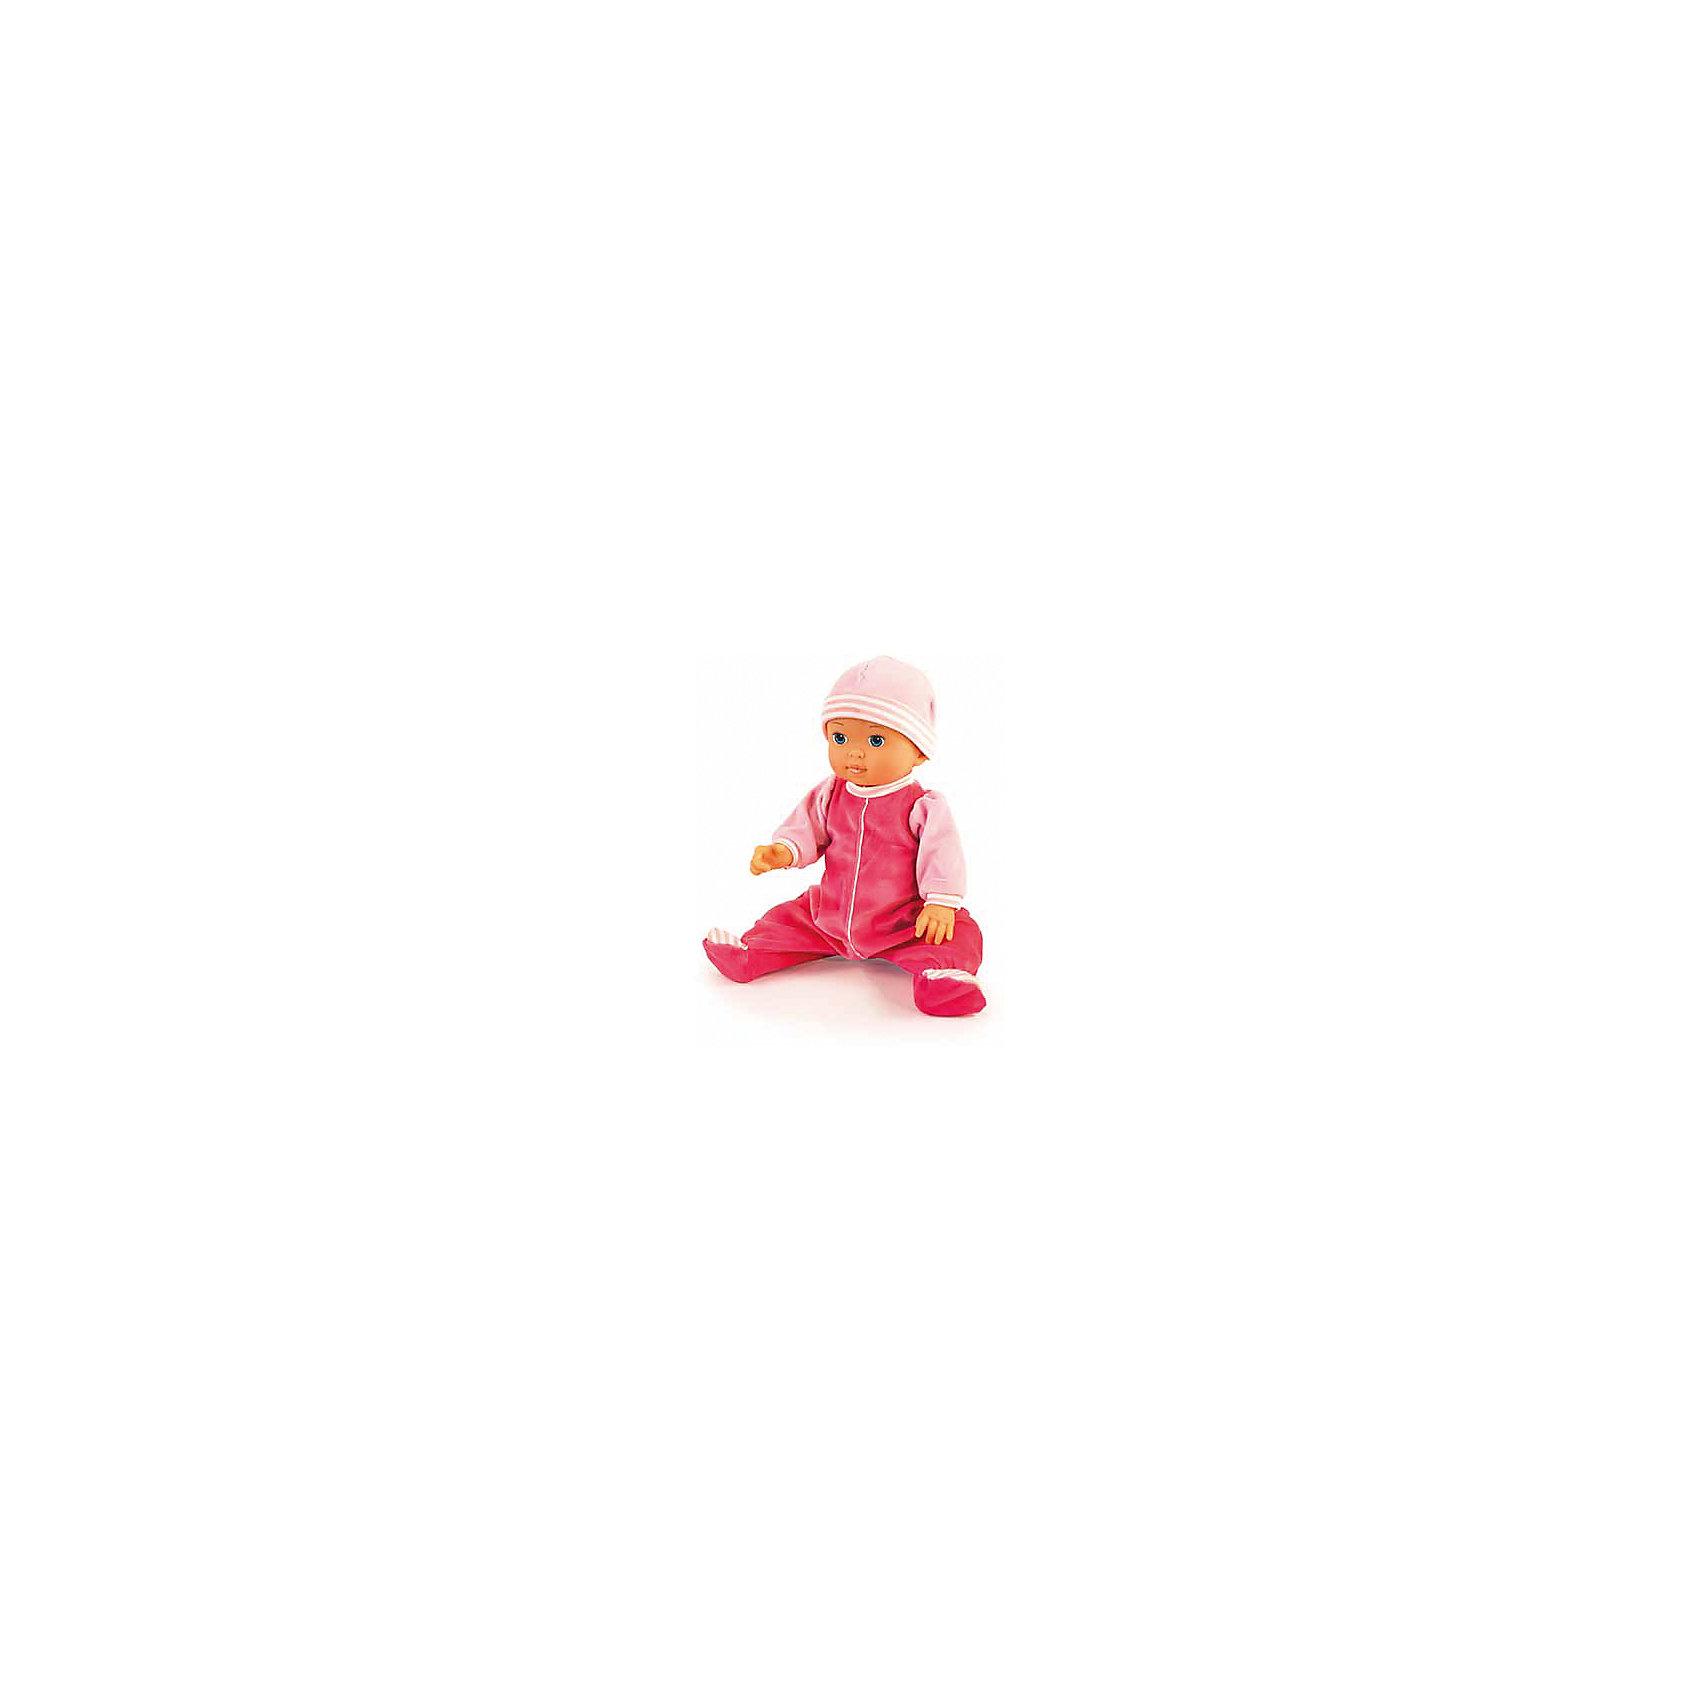 Подпрыгивающий малыш 36 смПодпрыгивающий малыш от бренда Bayer(Байер) напоминает настоящего малыша. Он умеет издавать самые смешные звуки, двигаться вниз и вверх и многое другое. Очаровательный пупс одет в комбинезон и шапочку розового цвета. Замечательный малыш непременно порадует девочку!<br><br>Дополнительная информация:<br>Материал: пластик, текстиль<br>Высота куклы: 36 см<br>Батарейки: ААА - 3 шт.(входят в комплект)<br>Вес: 700 грамм<br><br>Купить подпрыгивающего малыша Bayer(Байер) можно в нашем интернет-магазине.<br><br>Ширина мм: 370<br>Глубина мм: 80<br>Высота мм: 10<br>Вес г: 700<br>Возраст от месяцев: 36<br>Возраст до месяцев: 2147483647<br>Пол: Женский<br>Возраст: Детский<br>SKU: 5006754